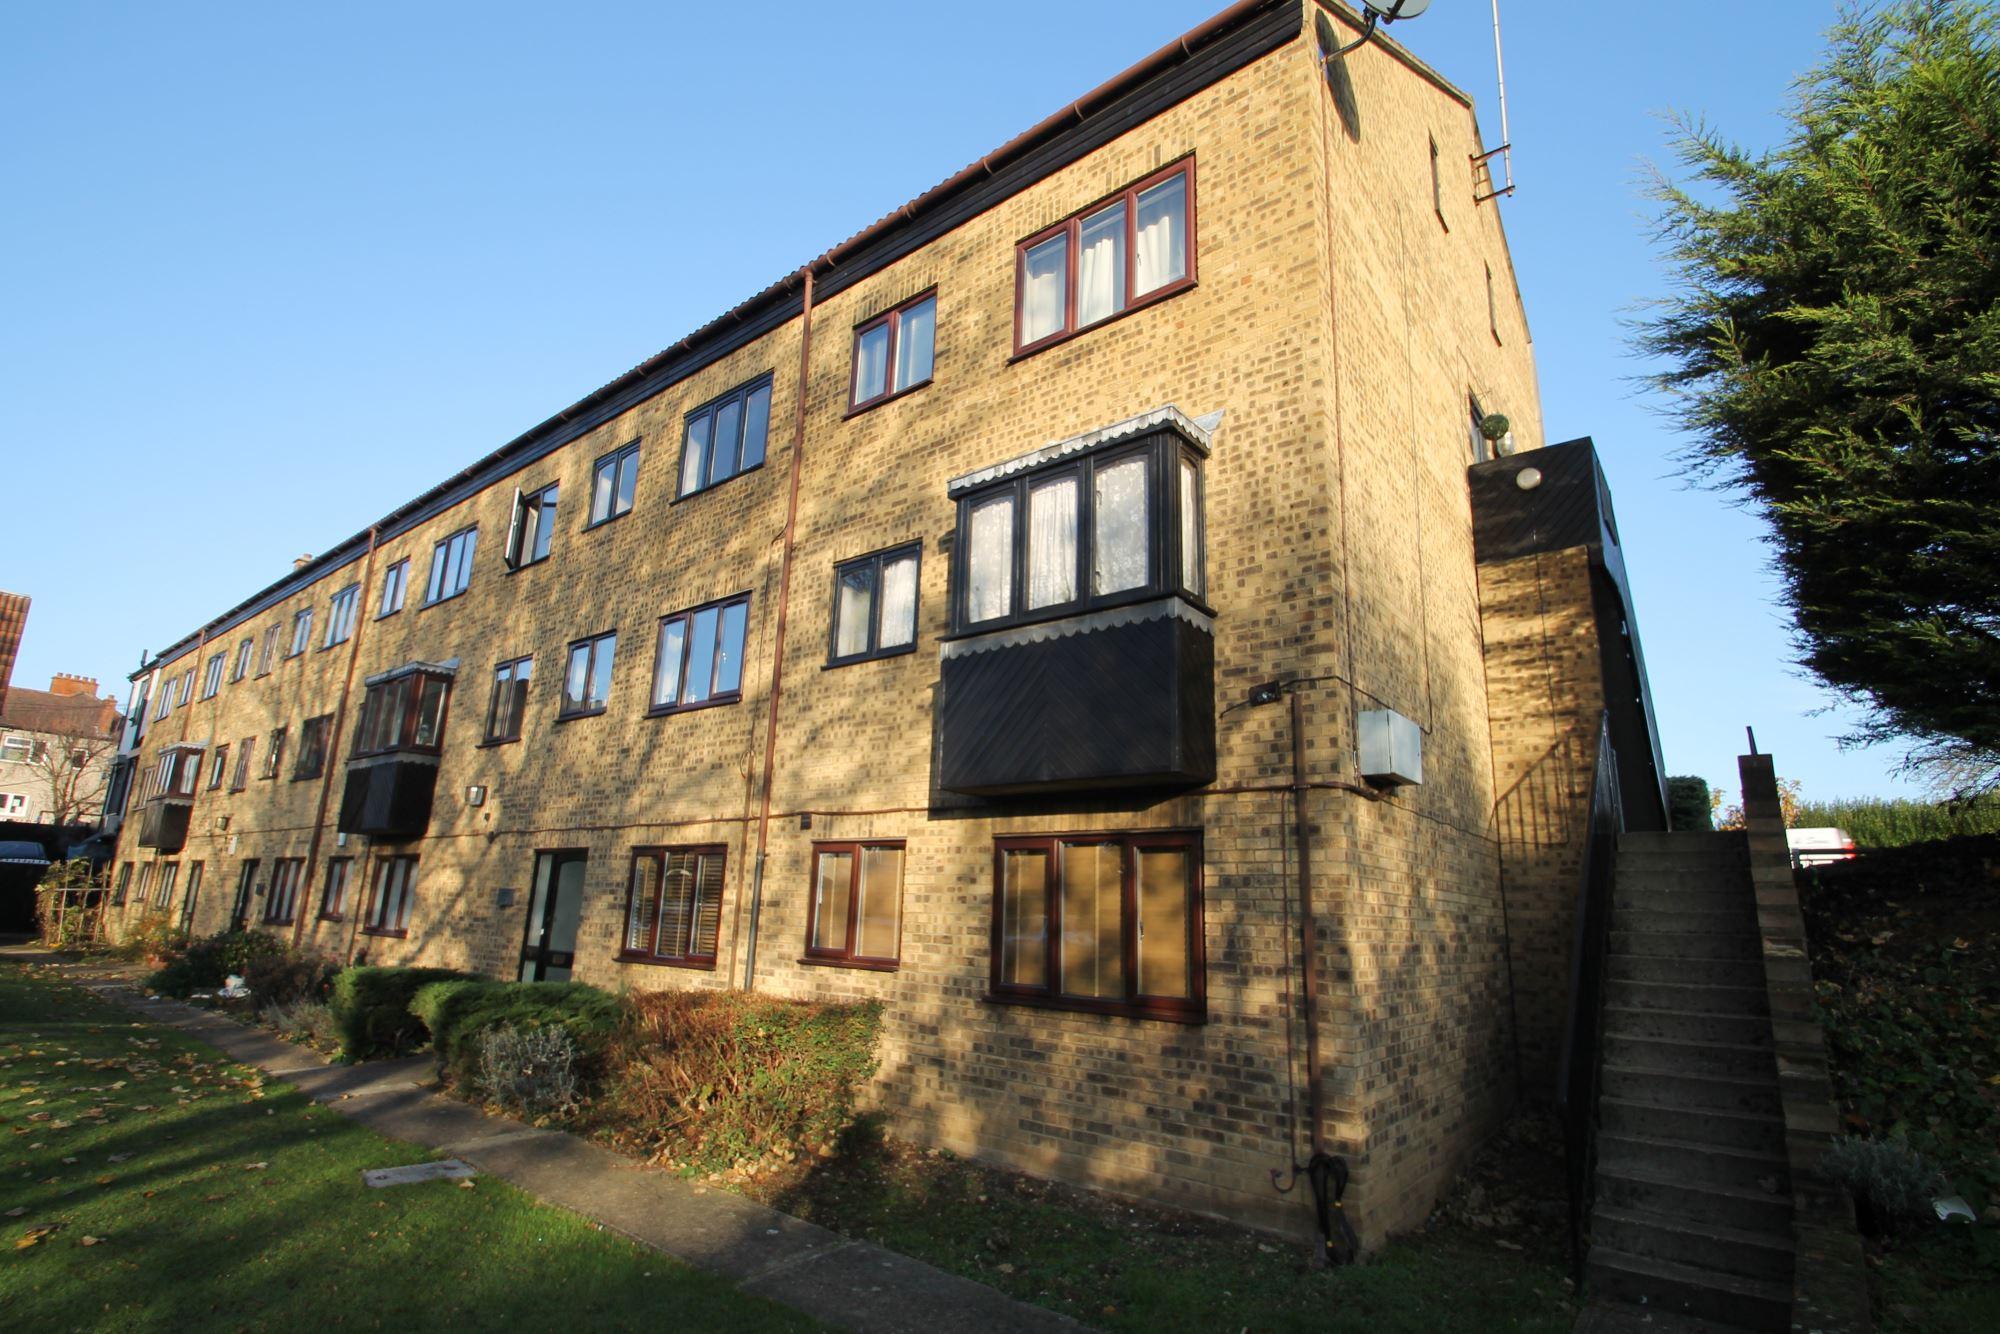 Ilford, Newbury Park IG2, 1 Bedroom Luxury Apartment – £231pw